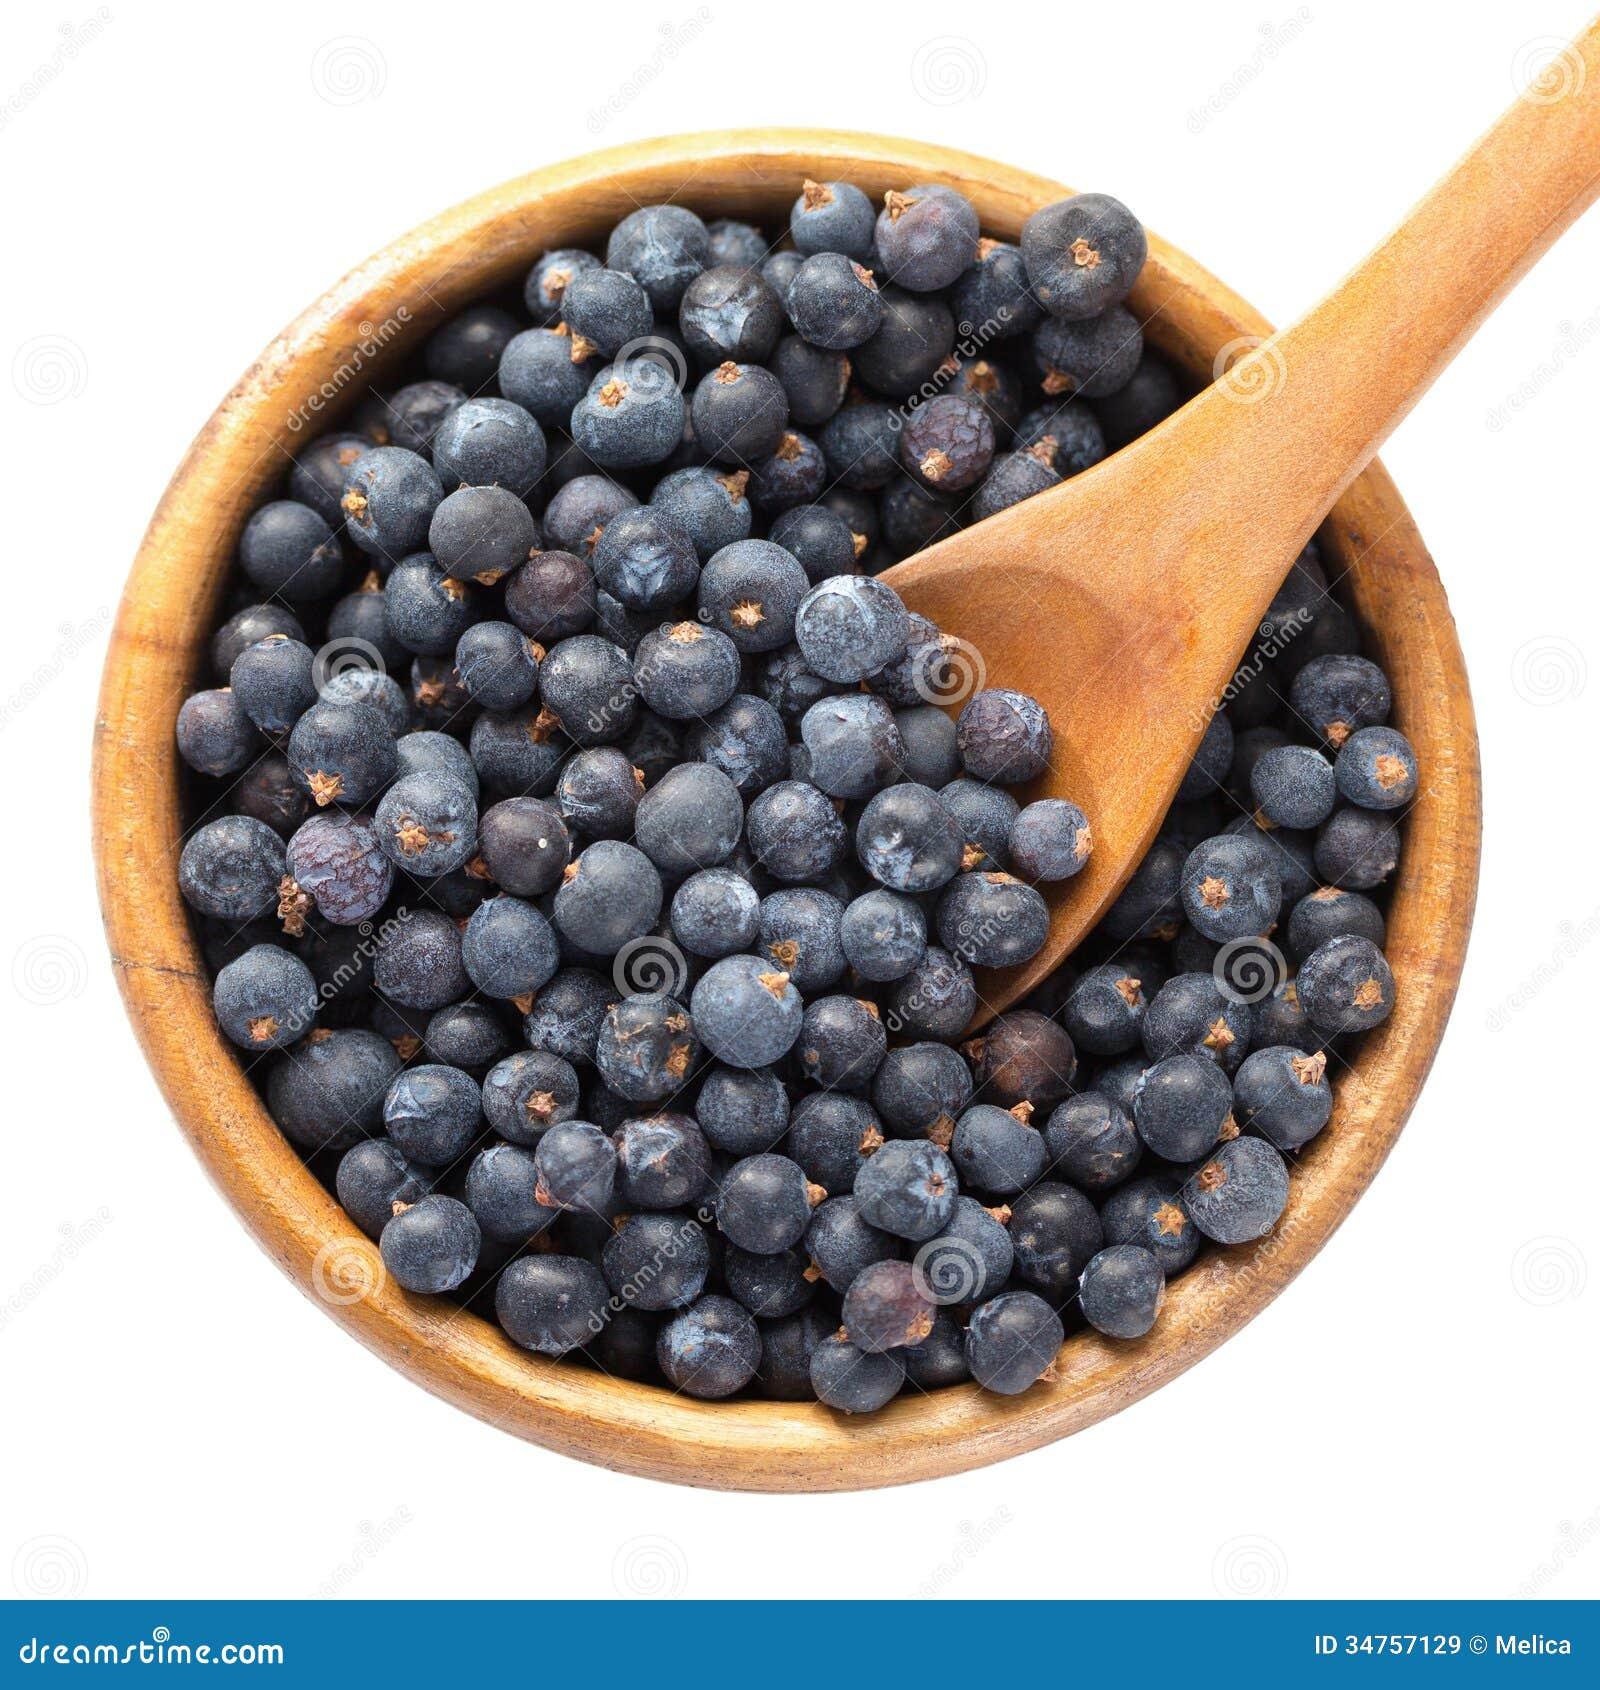 Рецепты с можжевеловыми ягодами